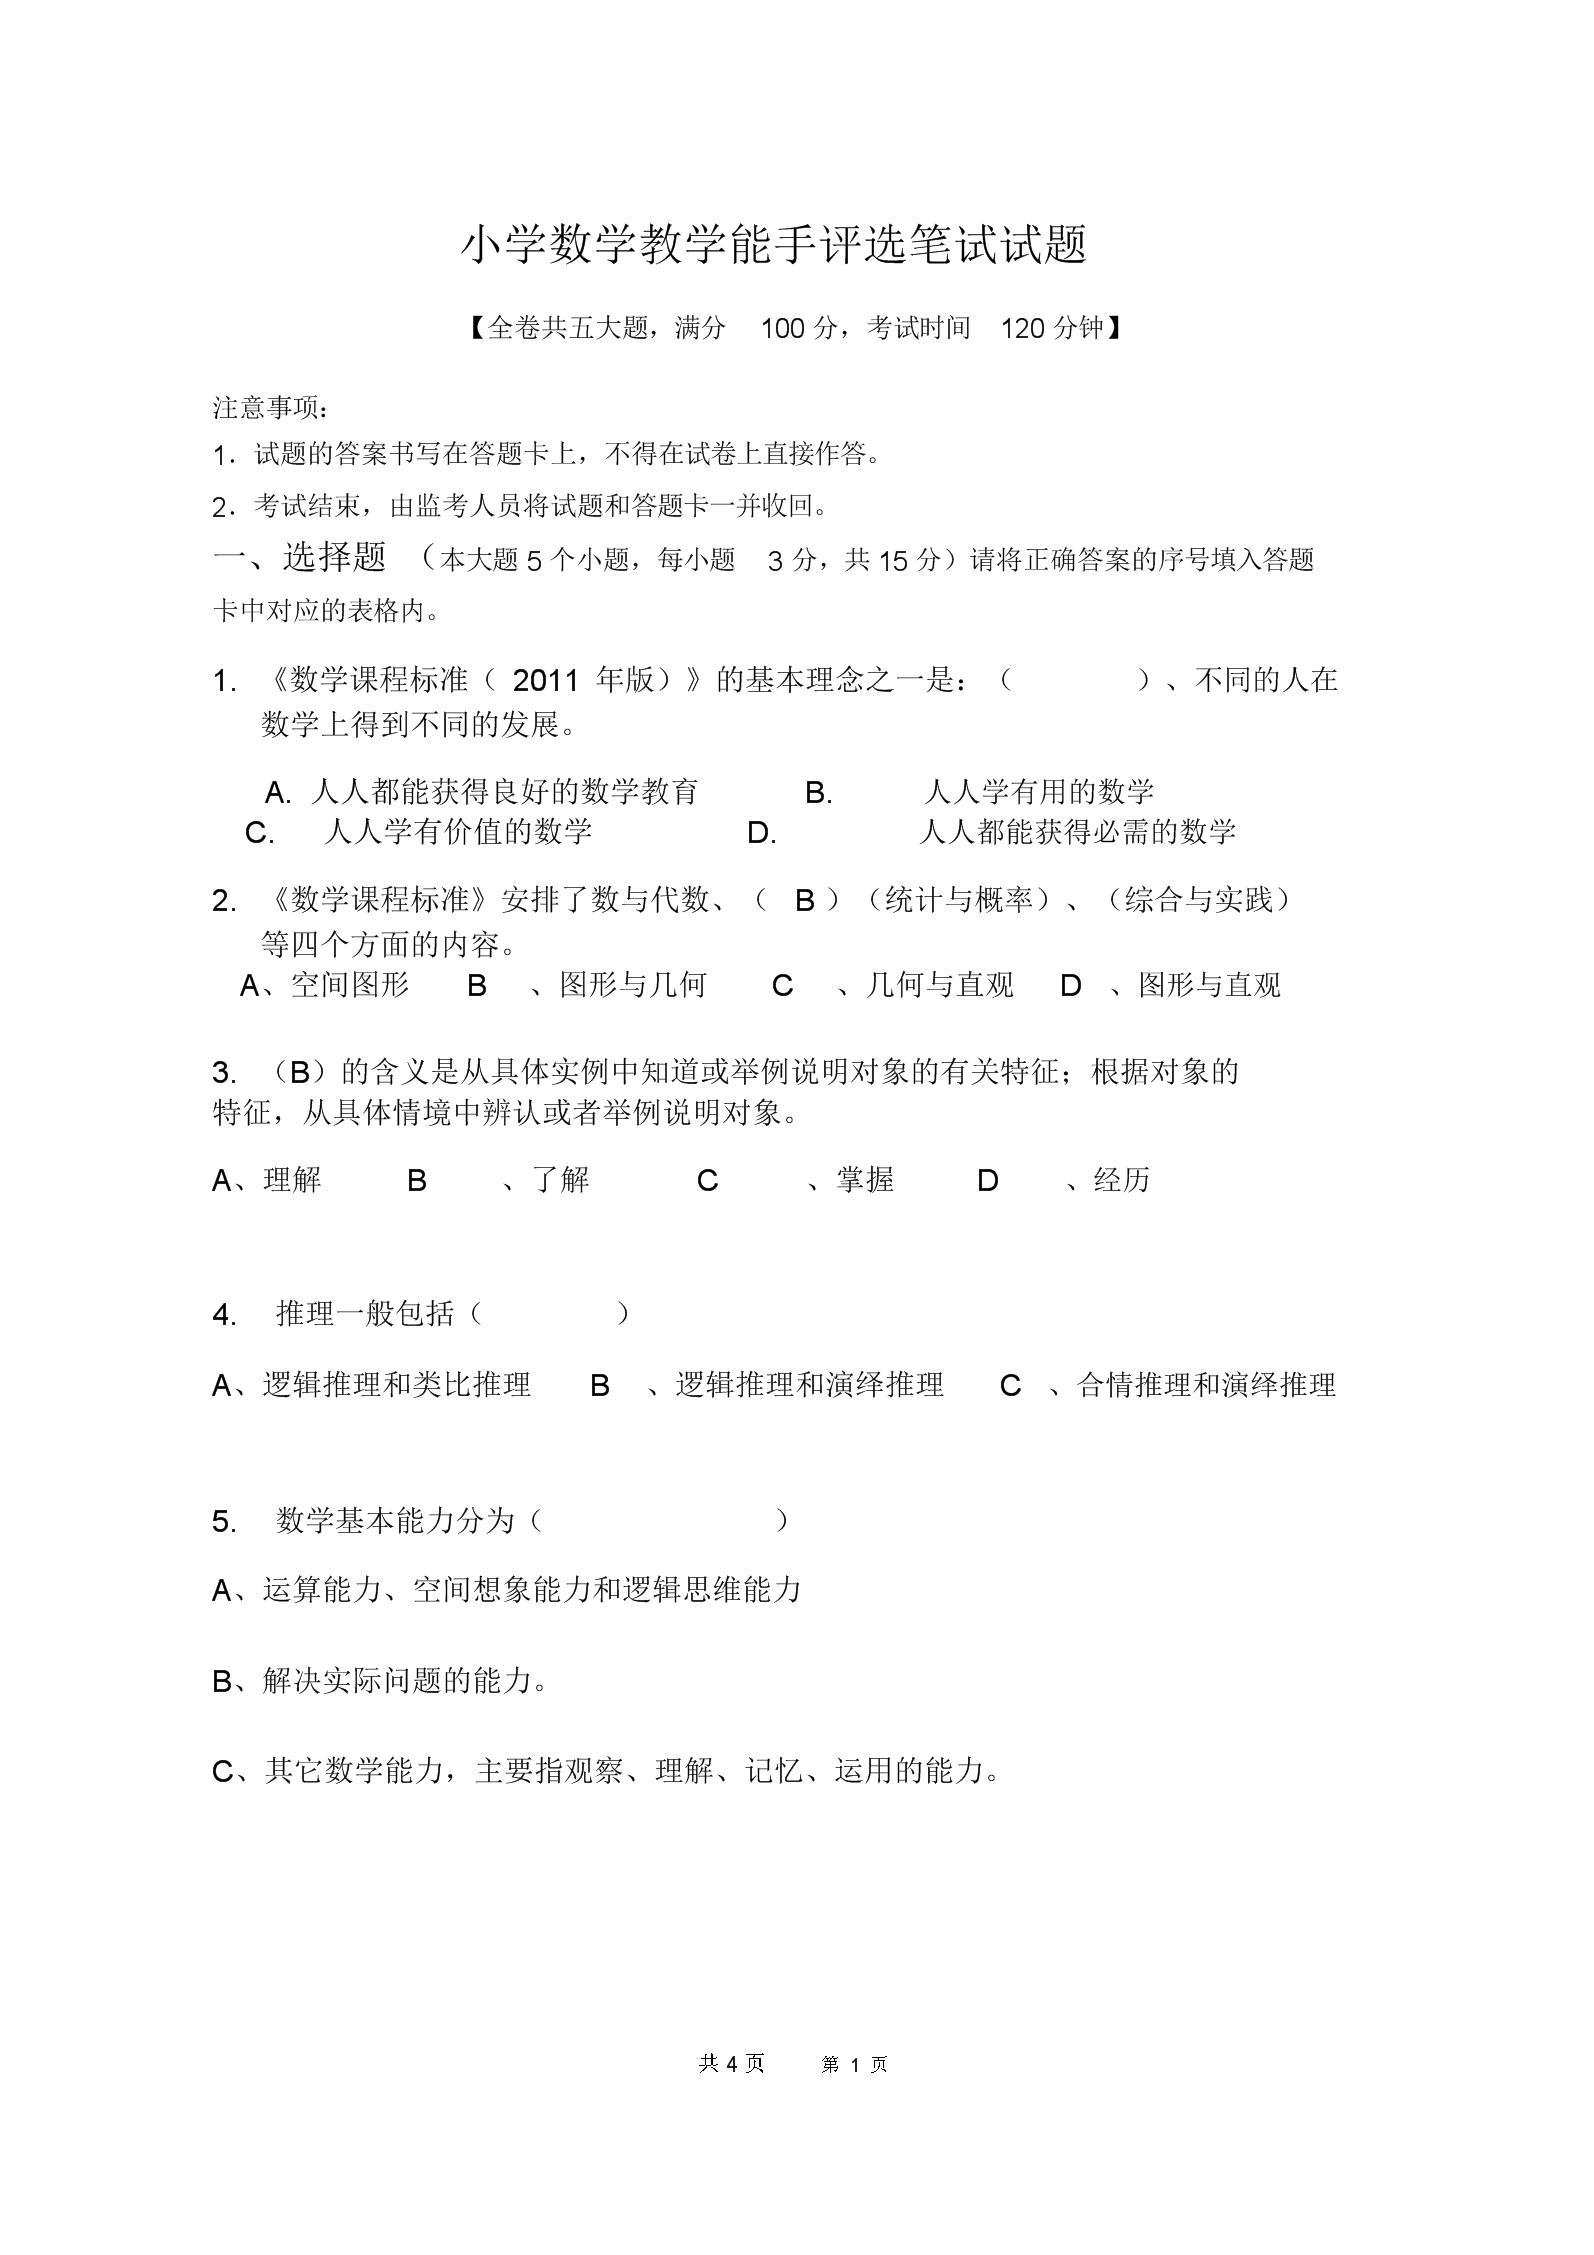 (完整word版)小学数学教学能手评选笔试试题.docx